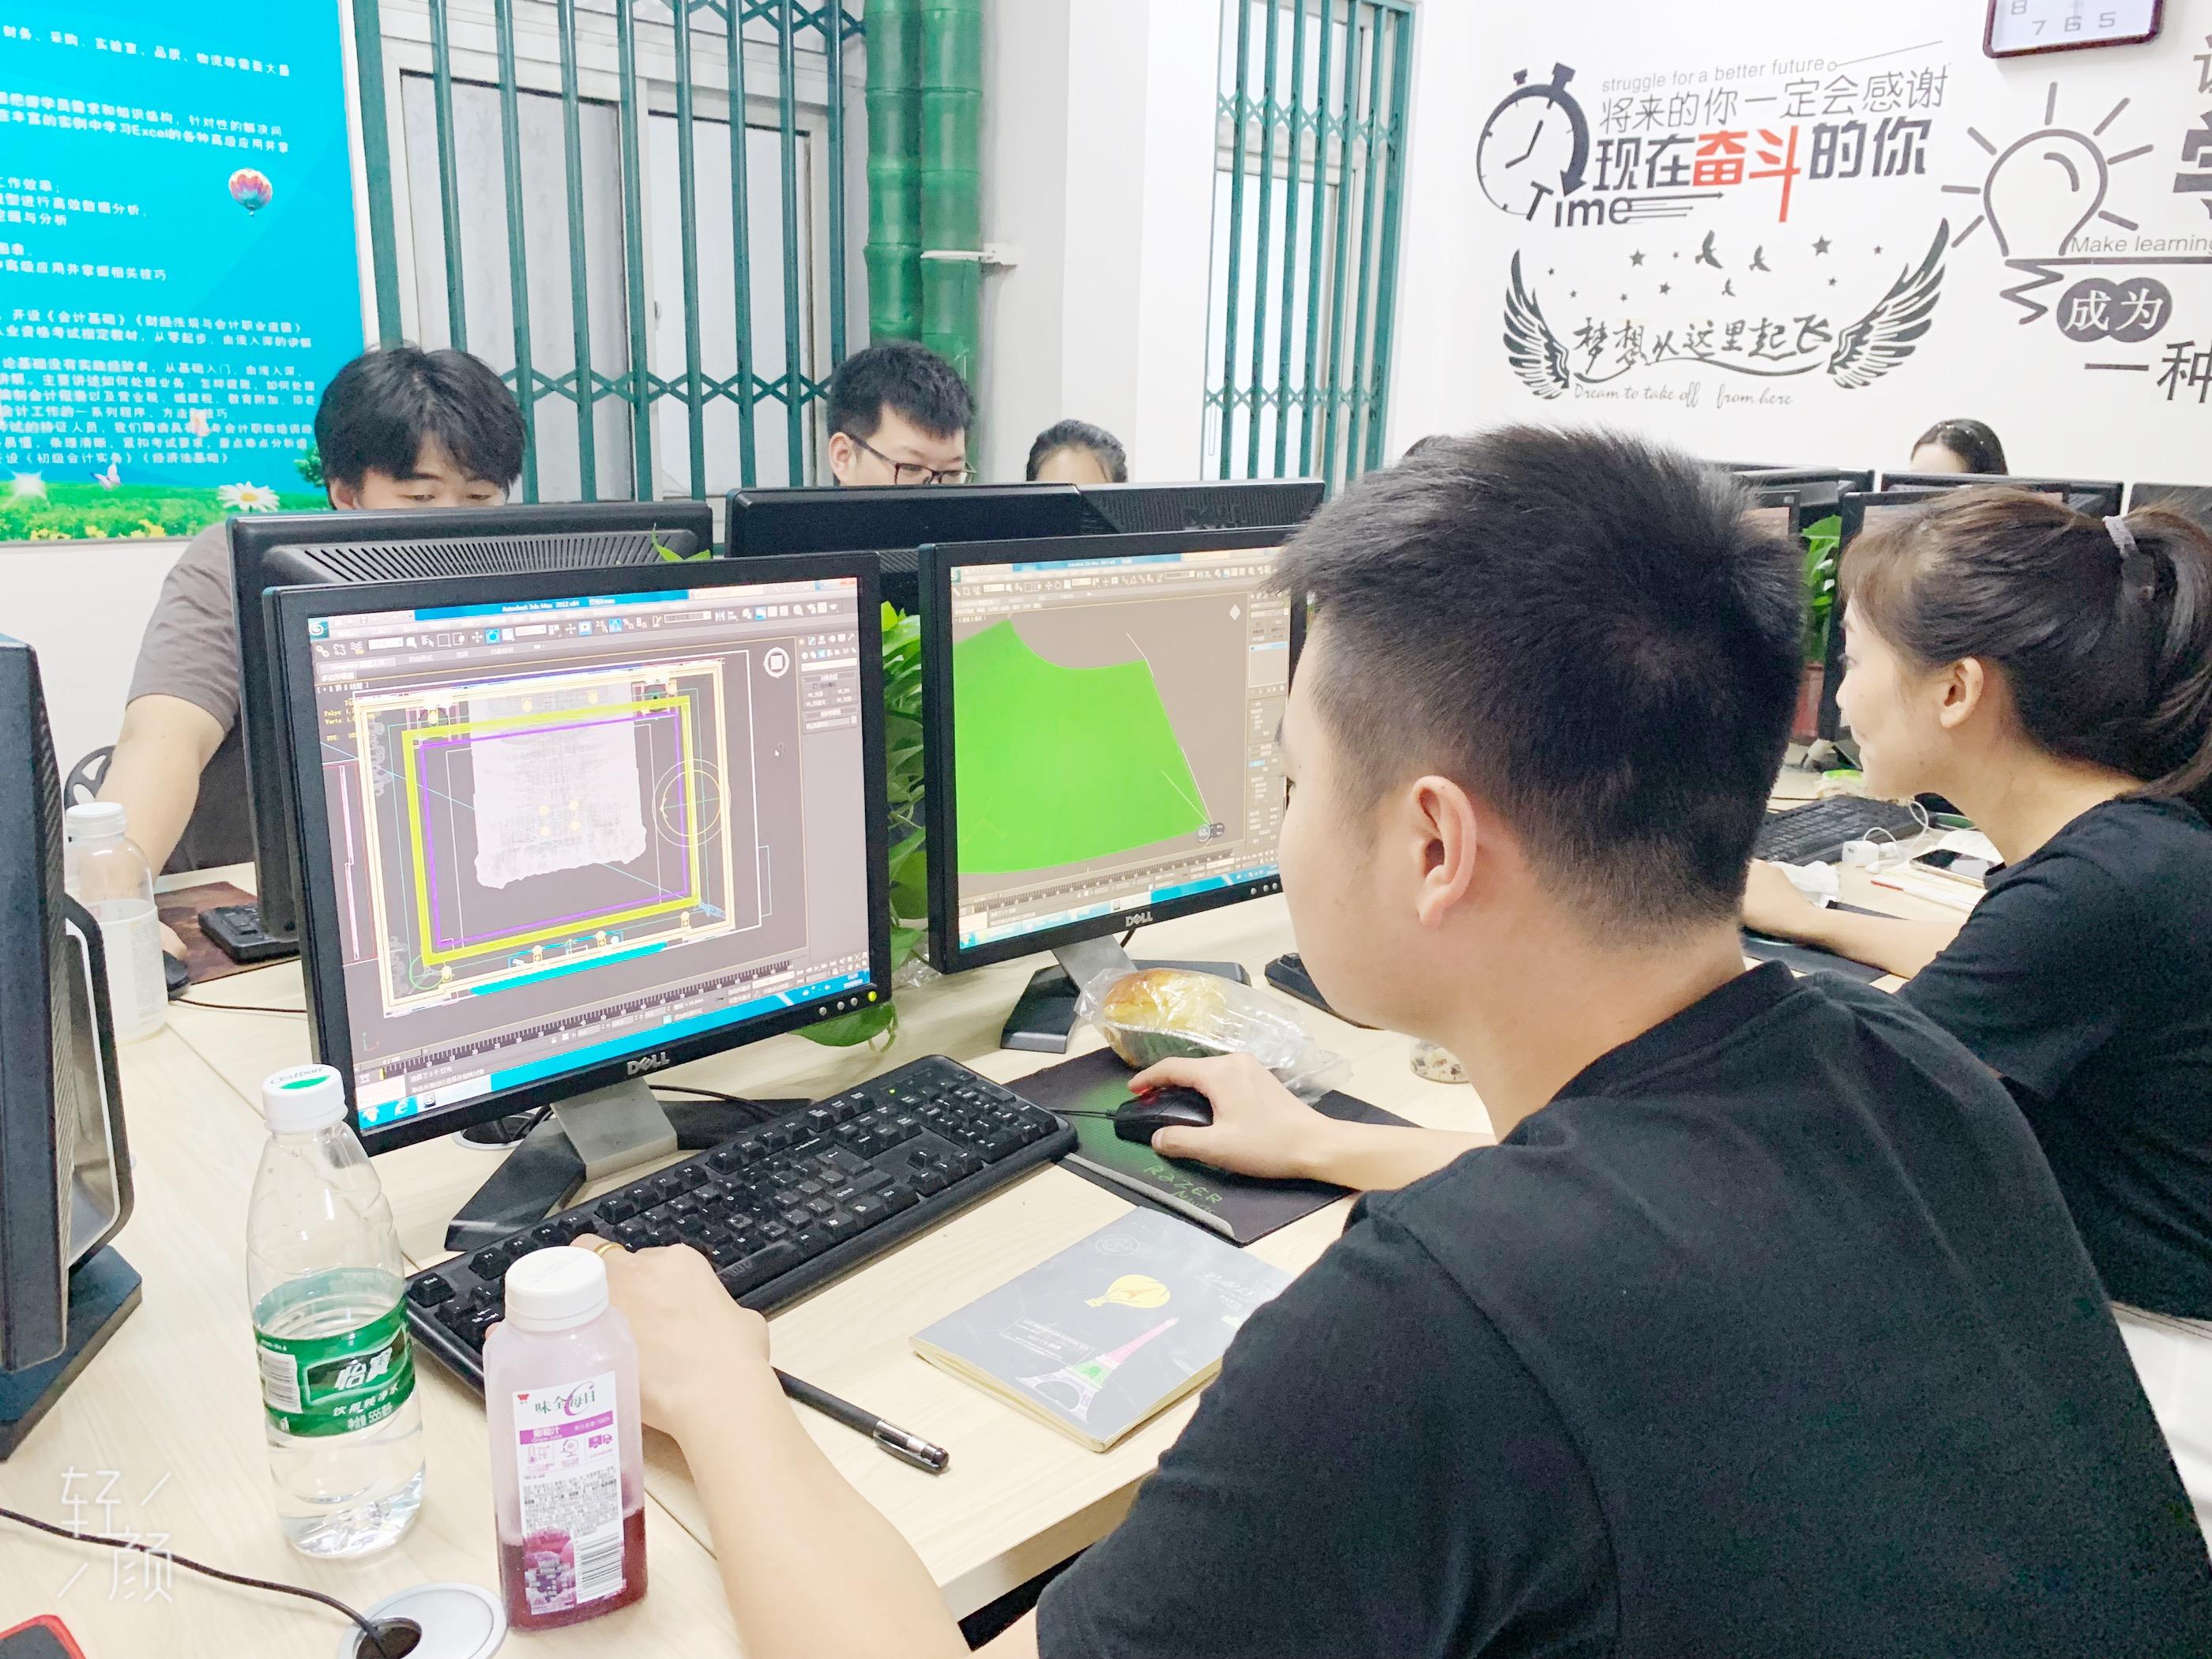 中育为-[3DS MAX]合肥3DMAX全日制合肥室内装潢设计培训